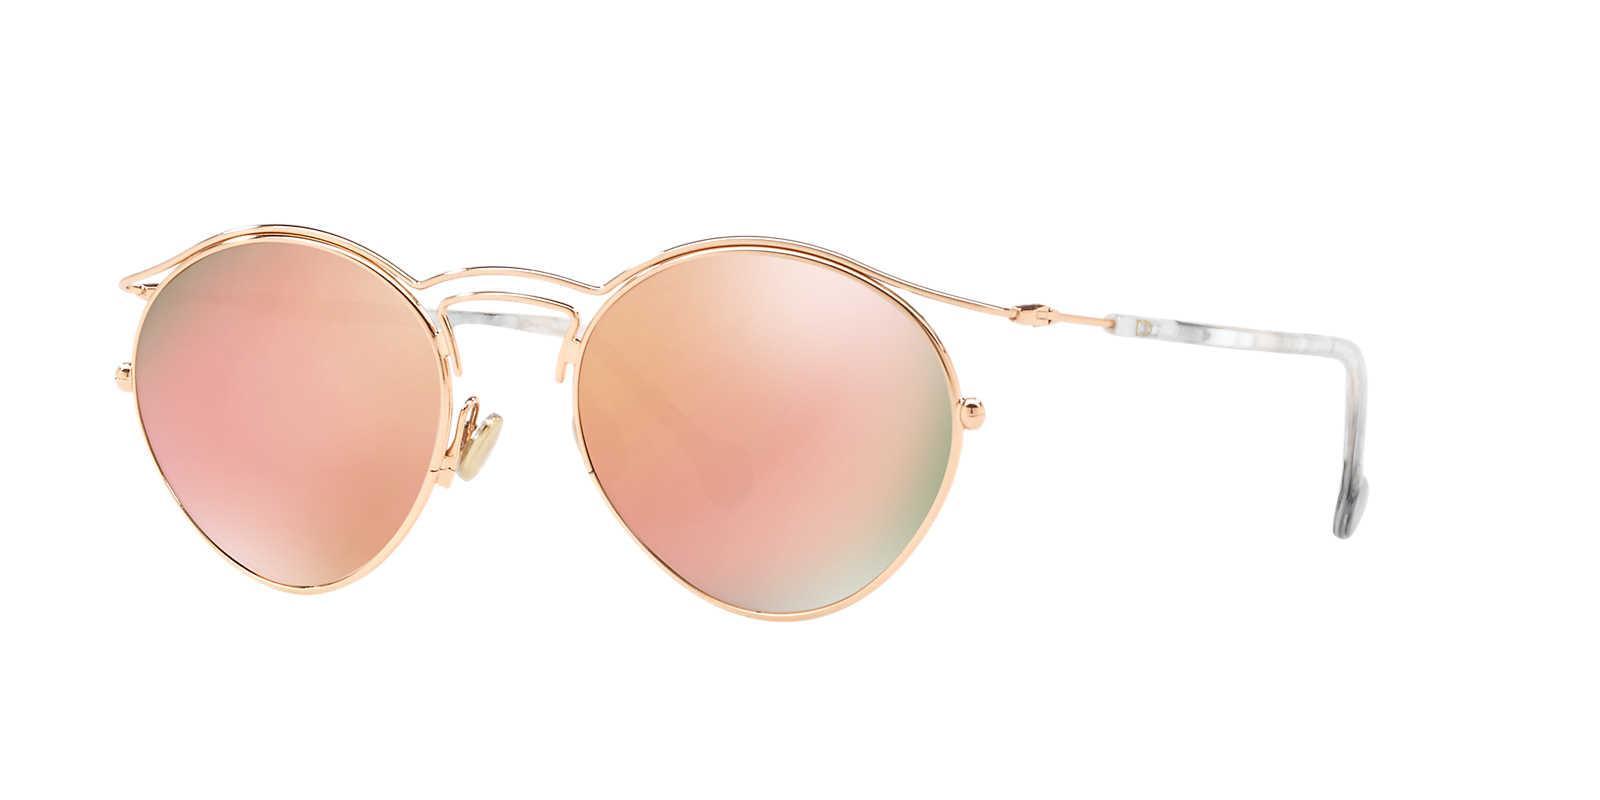 fec3fd7fded9 Dior. Women s Metallic Cd000823. £315 From Sunglass Hut